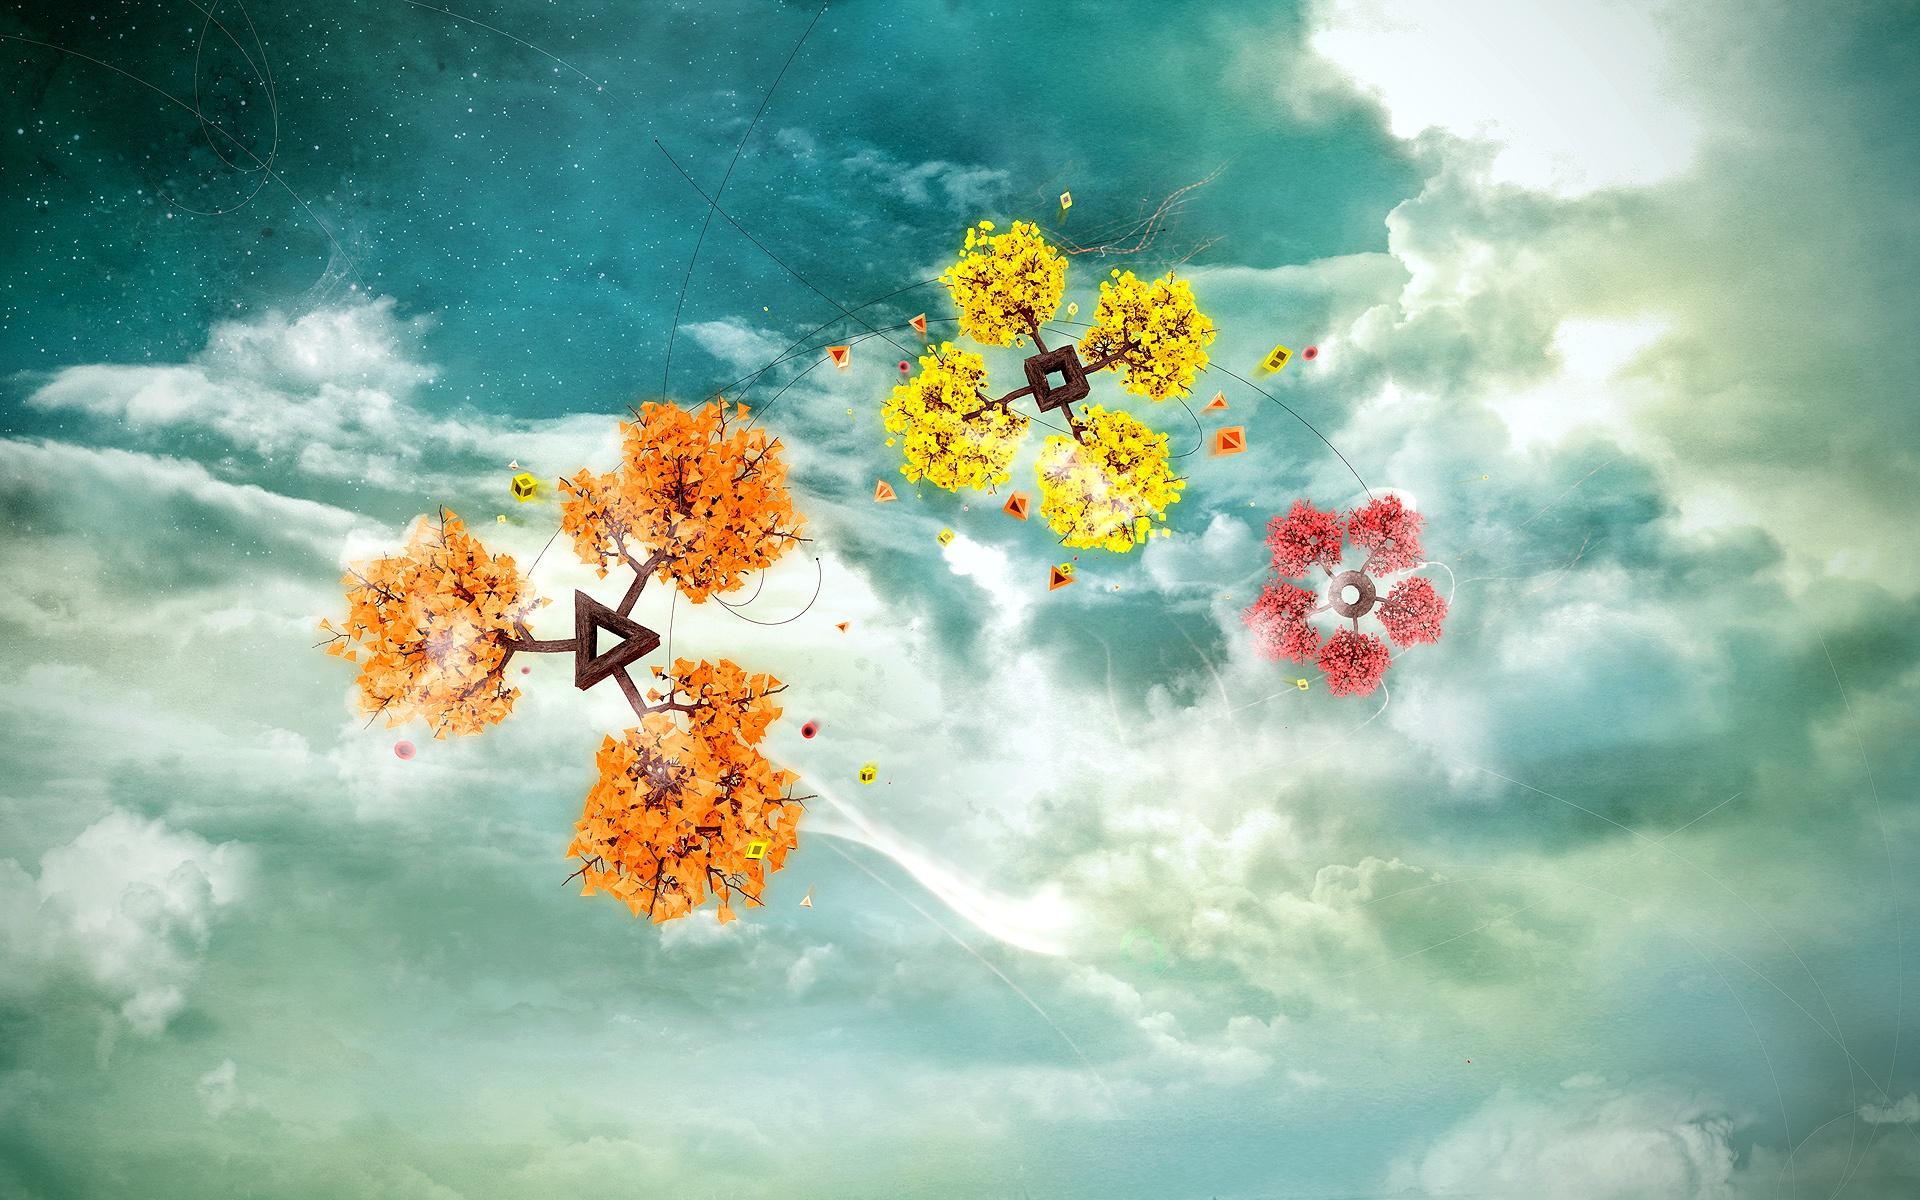 графика космос цветы роза graphics space flowers rose  № 927212 загрузить